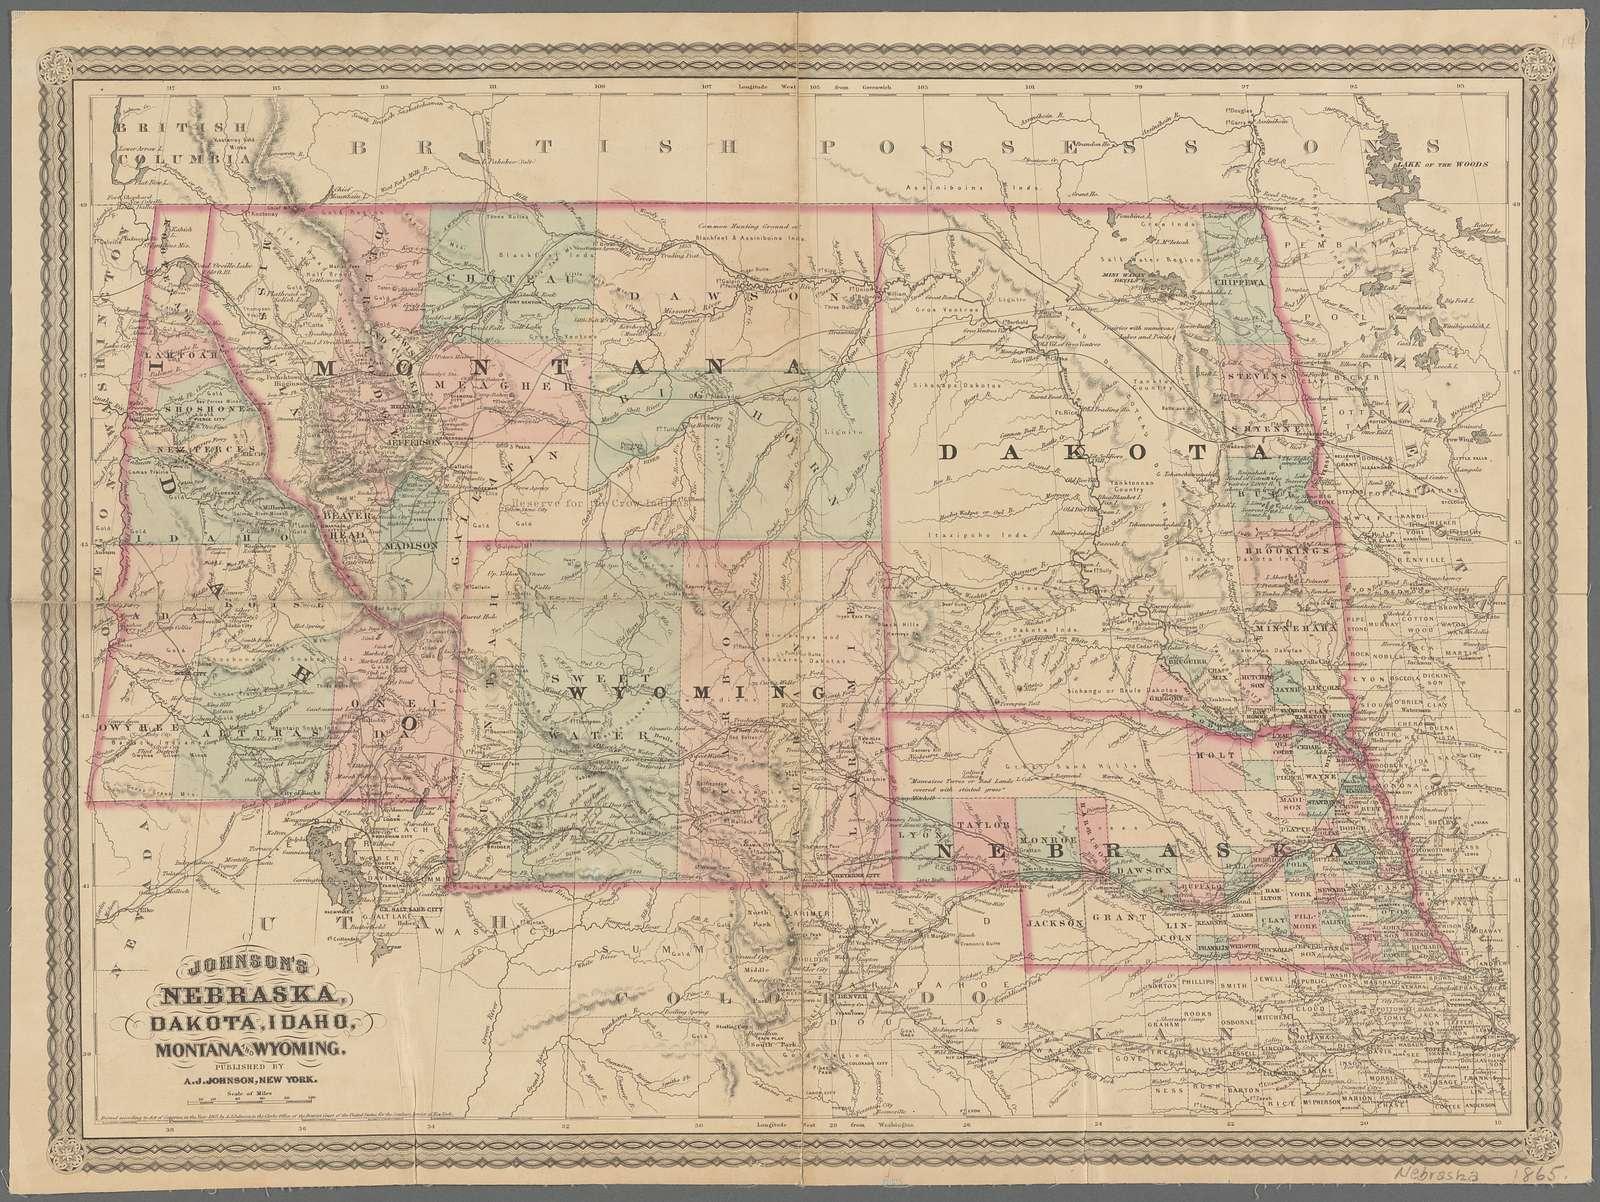 Johnson's Nebraska, Dakota, Idaho, Montana, and Wyoming